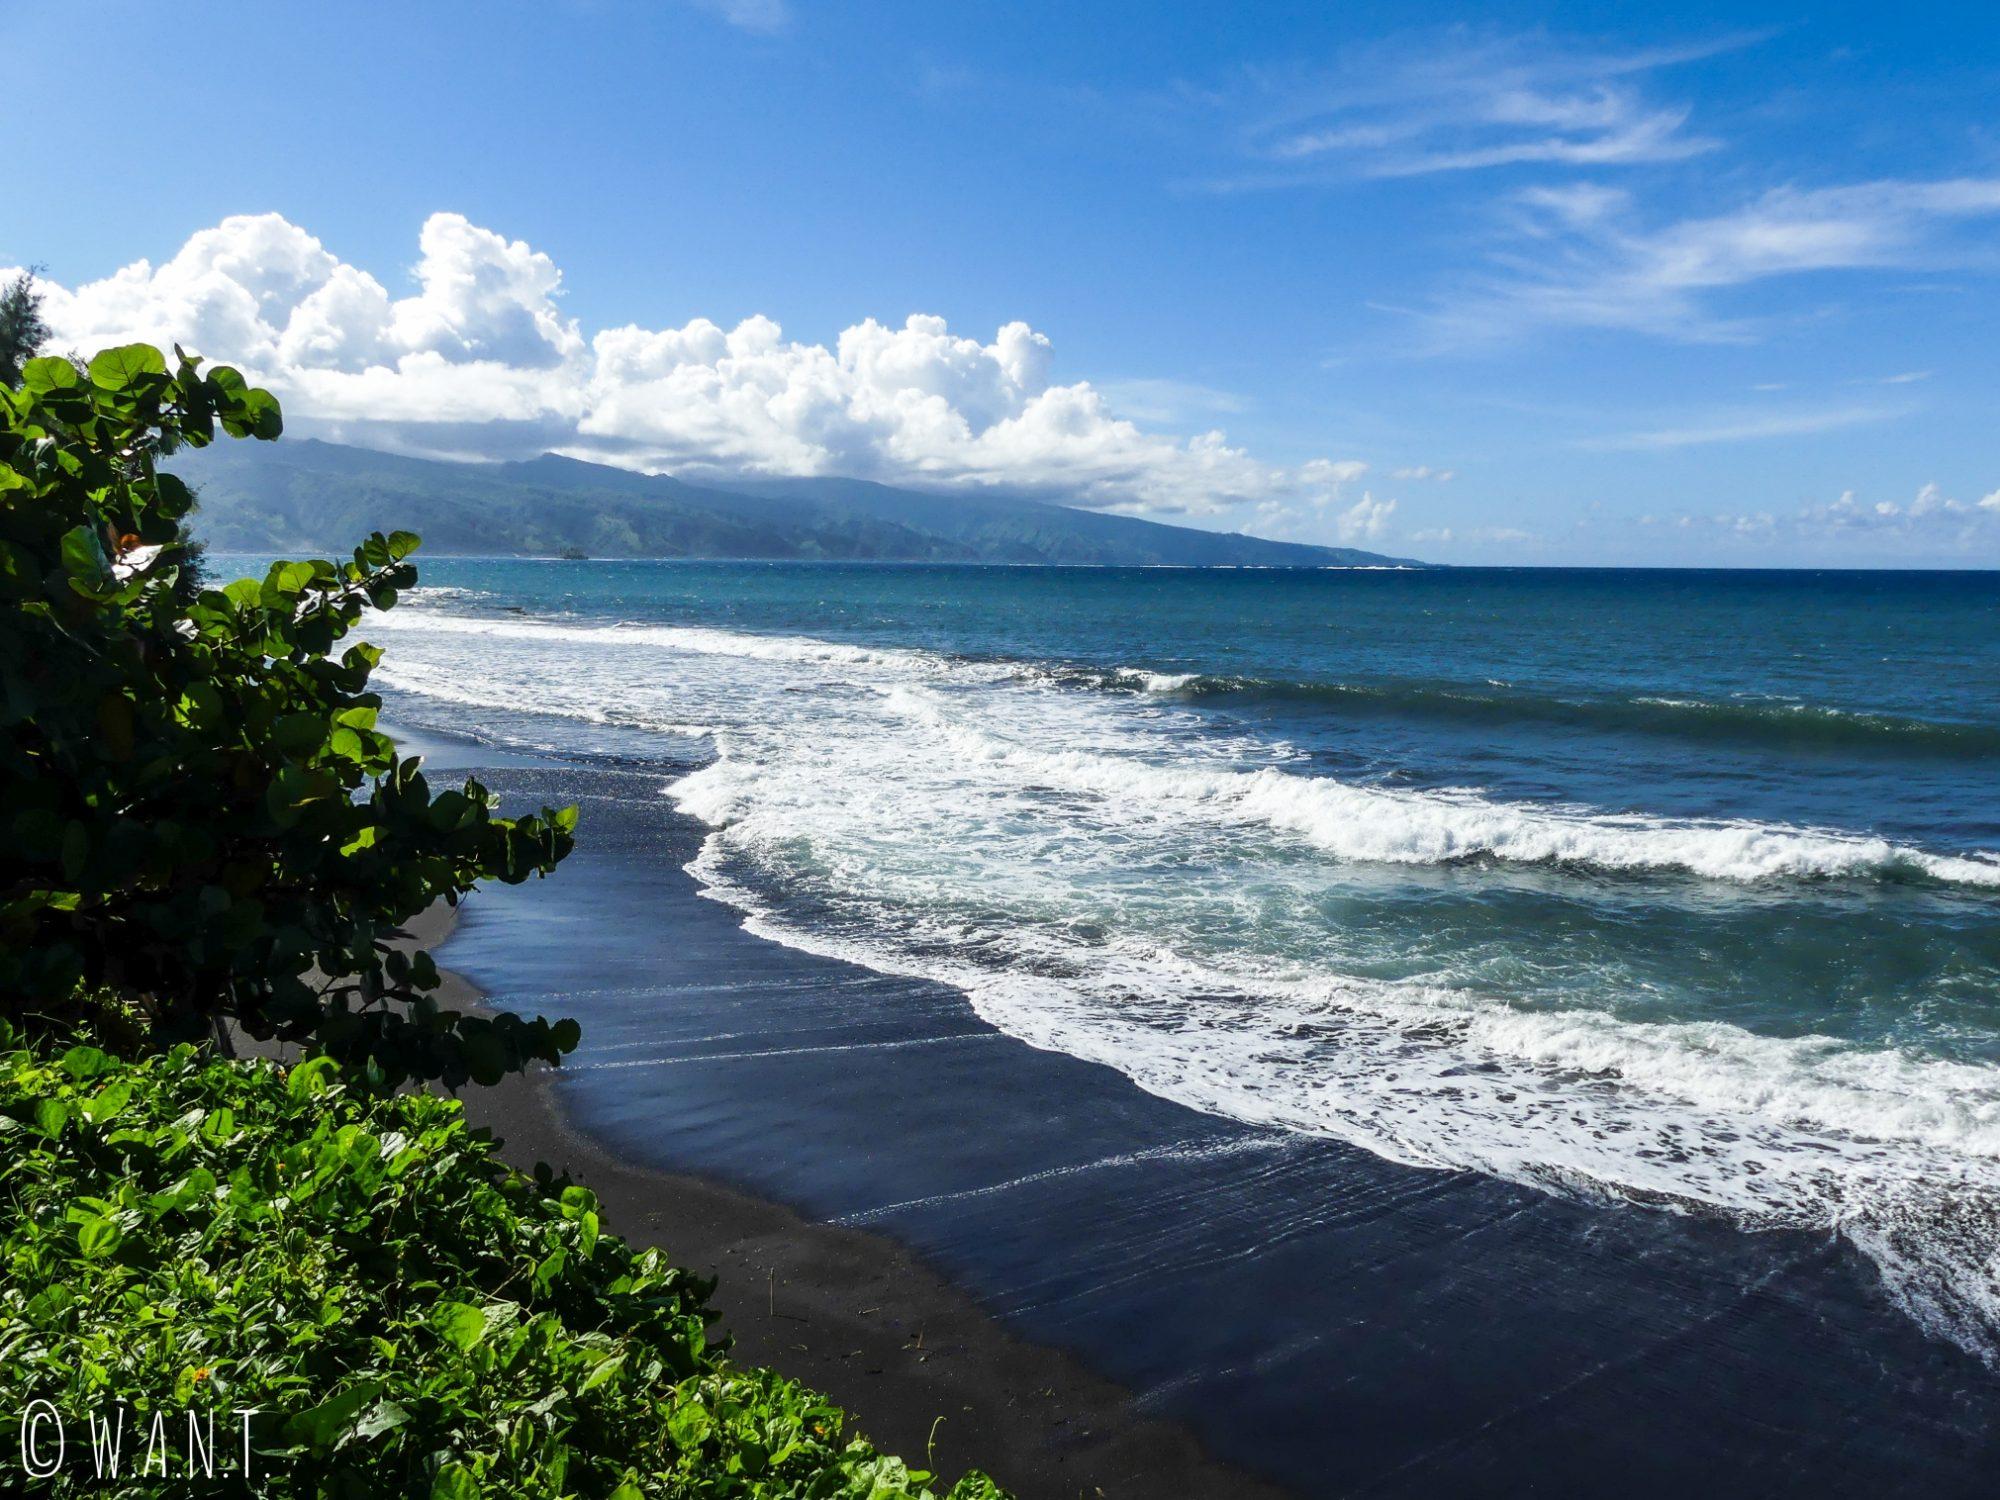 Plage de sable noir sur la péninsule Tahiti Iti